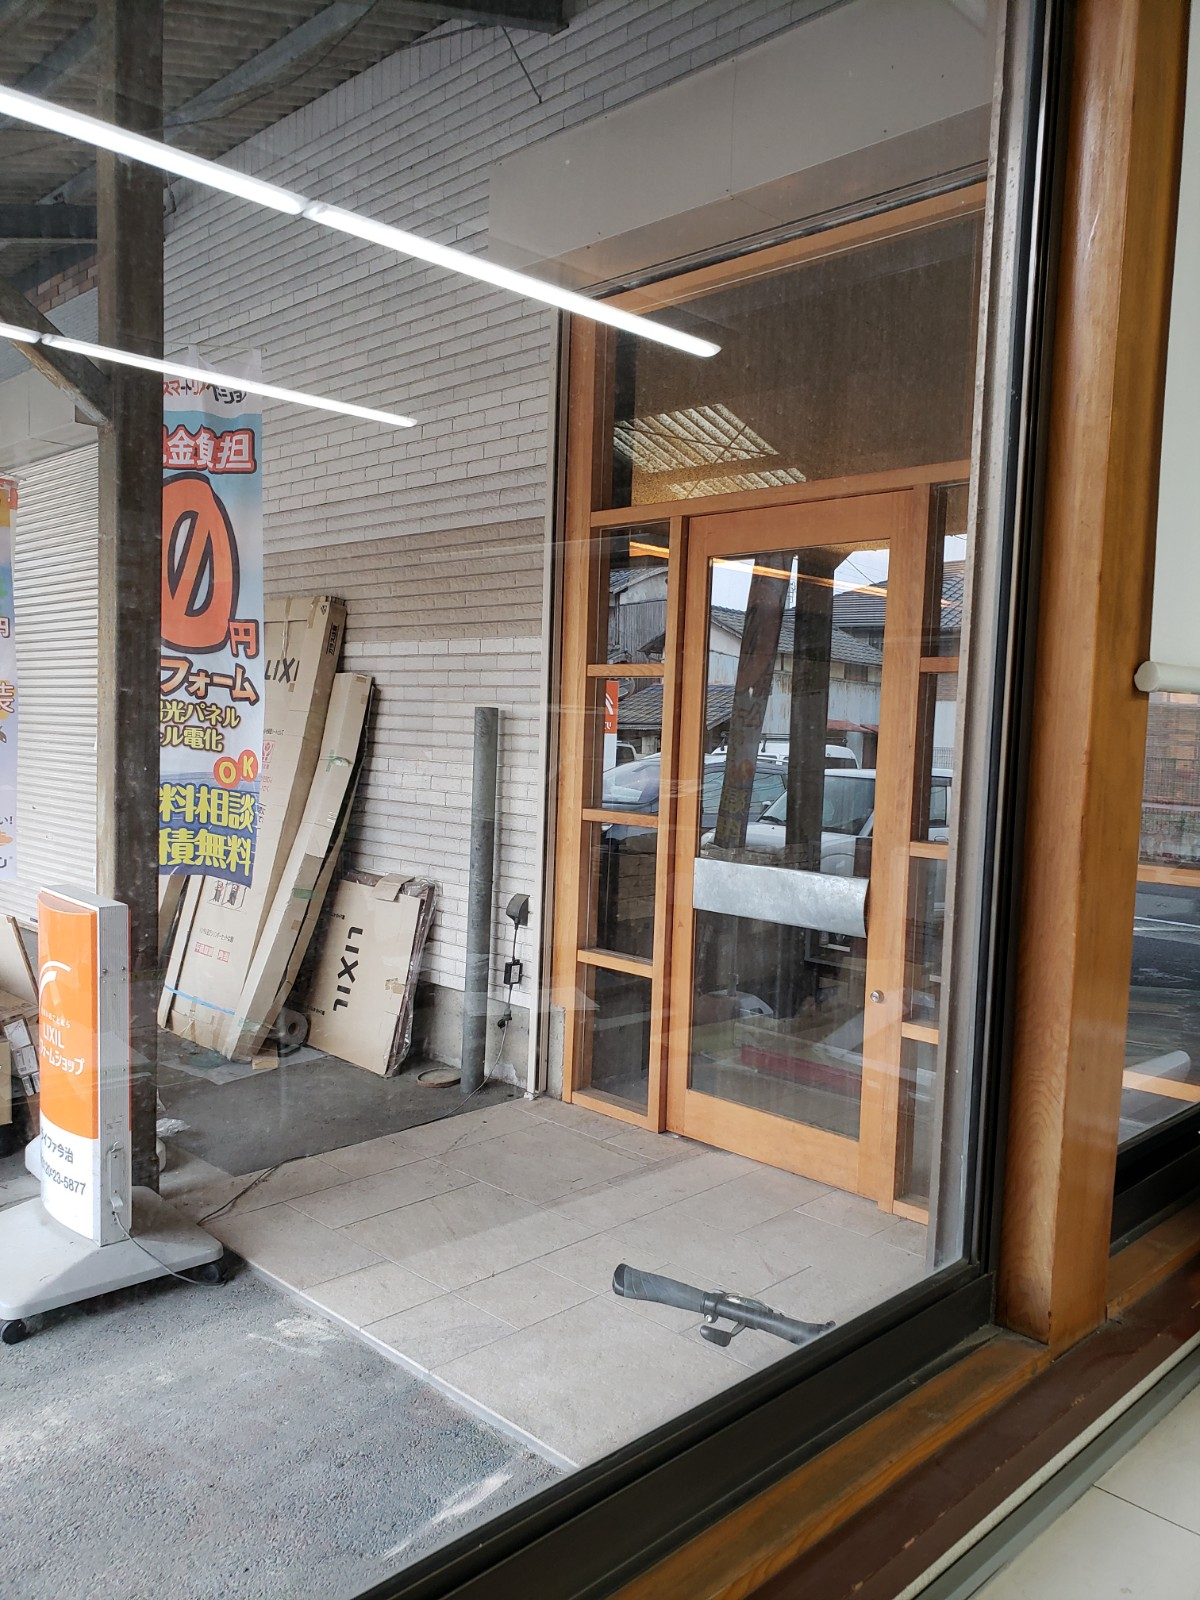 事務所のガラス窓